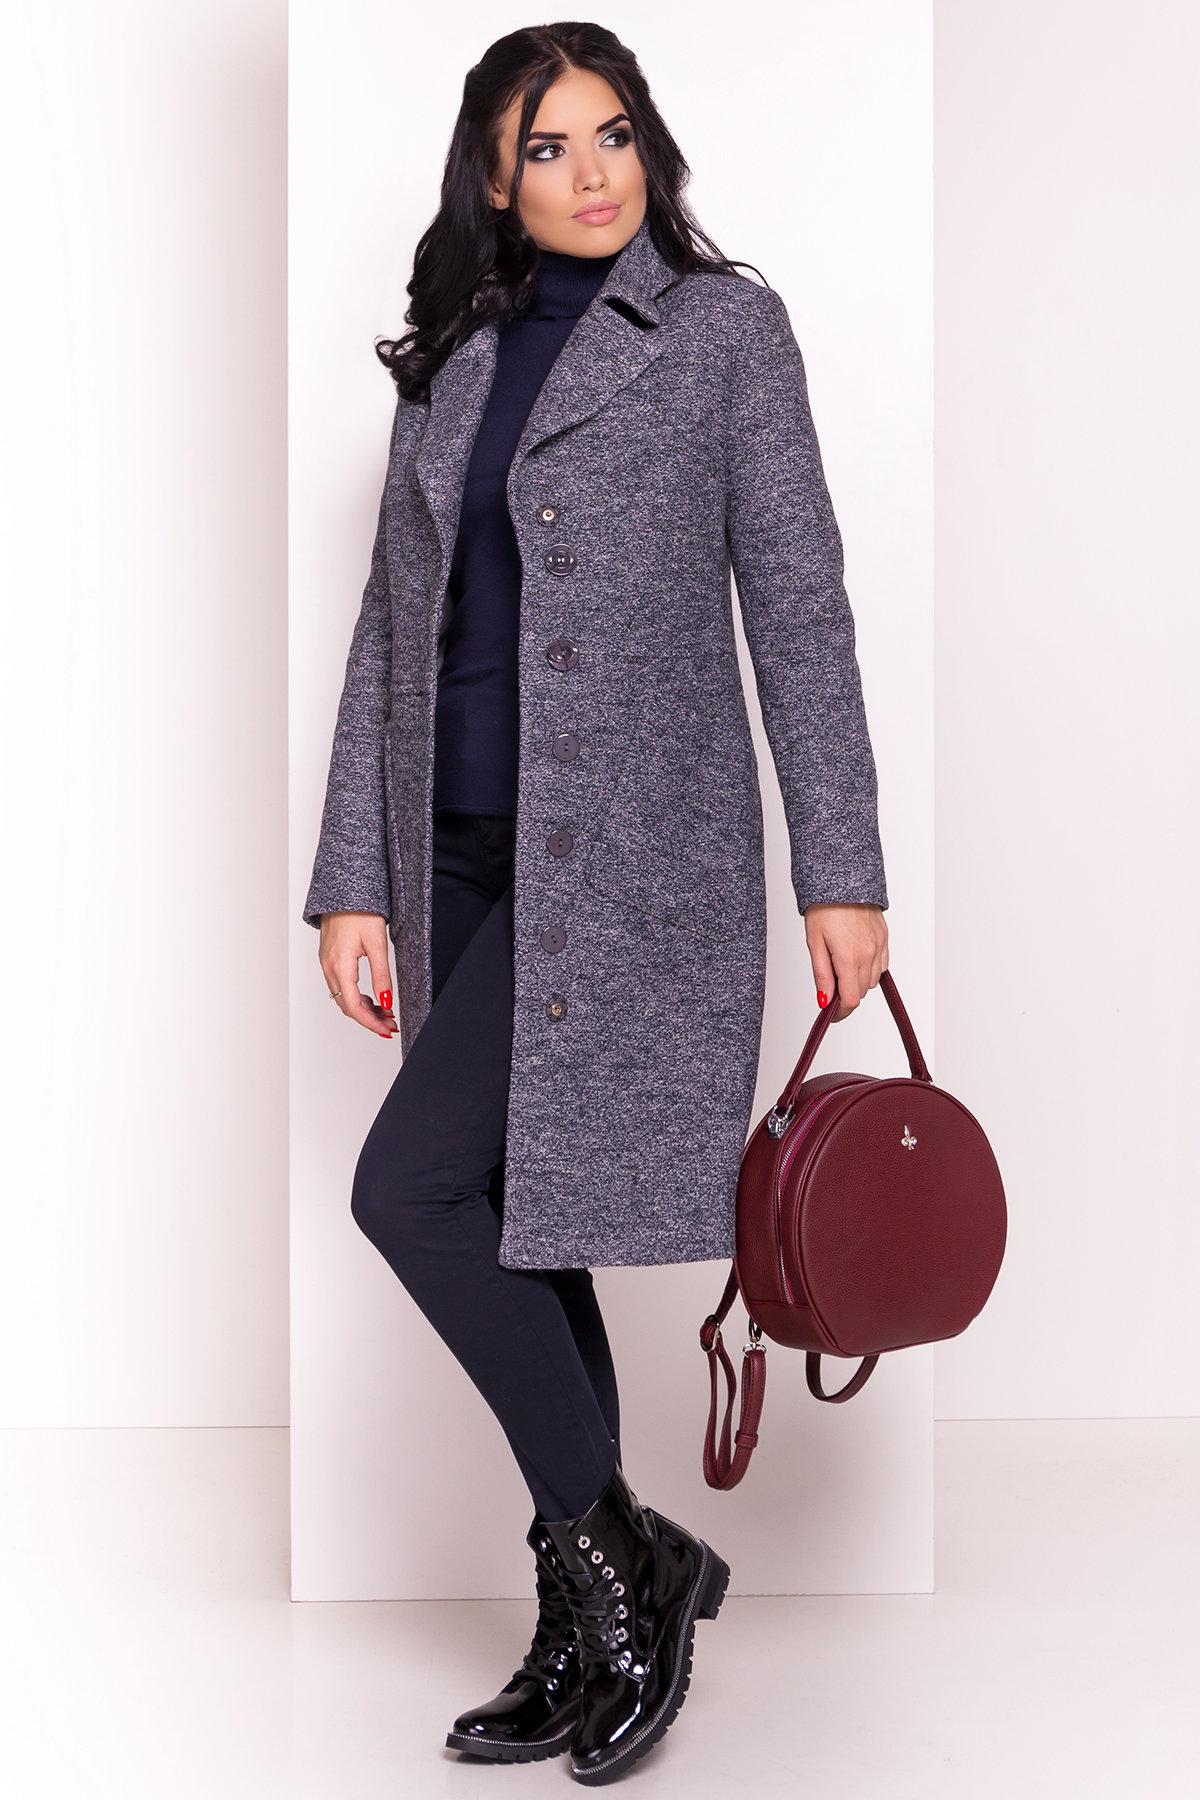 Пальто Габриэлла 4224 АРТ. 20835 Цвет: Серый темный LW-22 - фото 1, интернет магазин tm-modus.ru